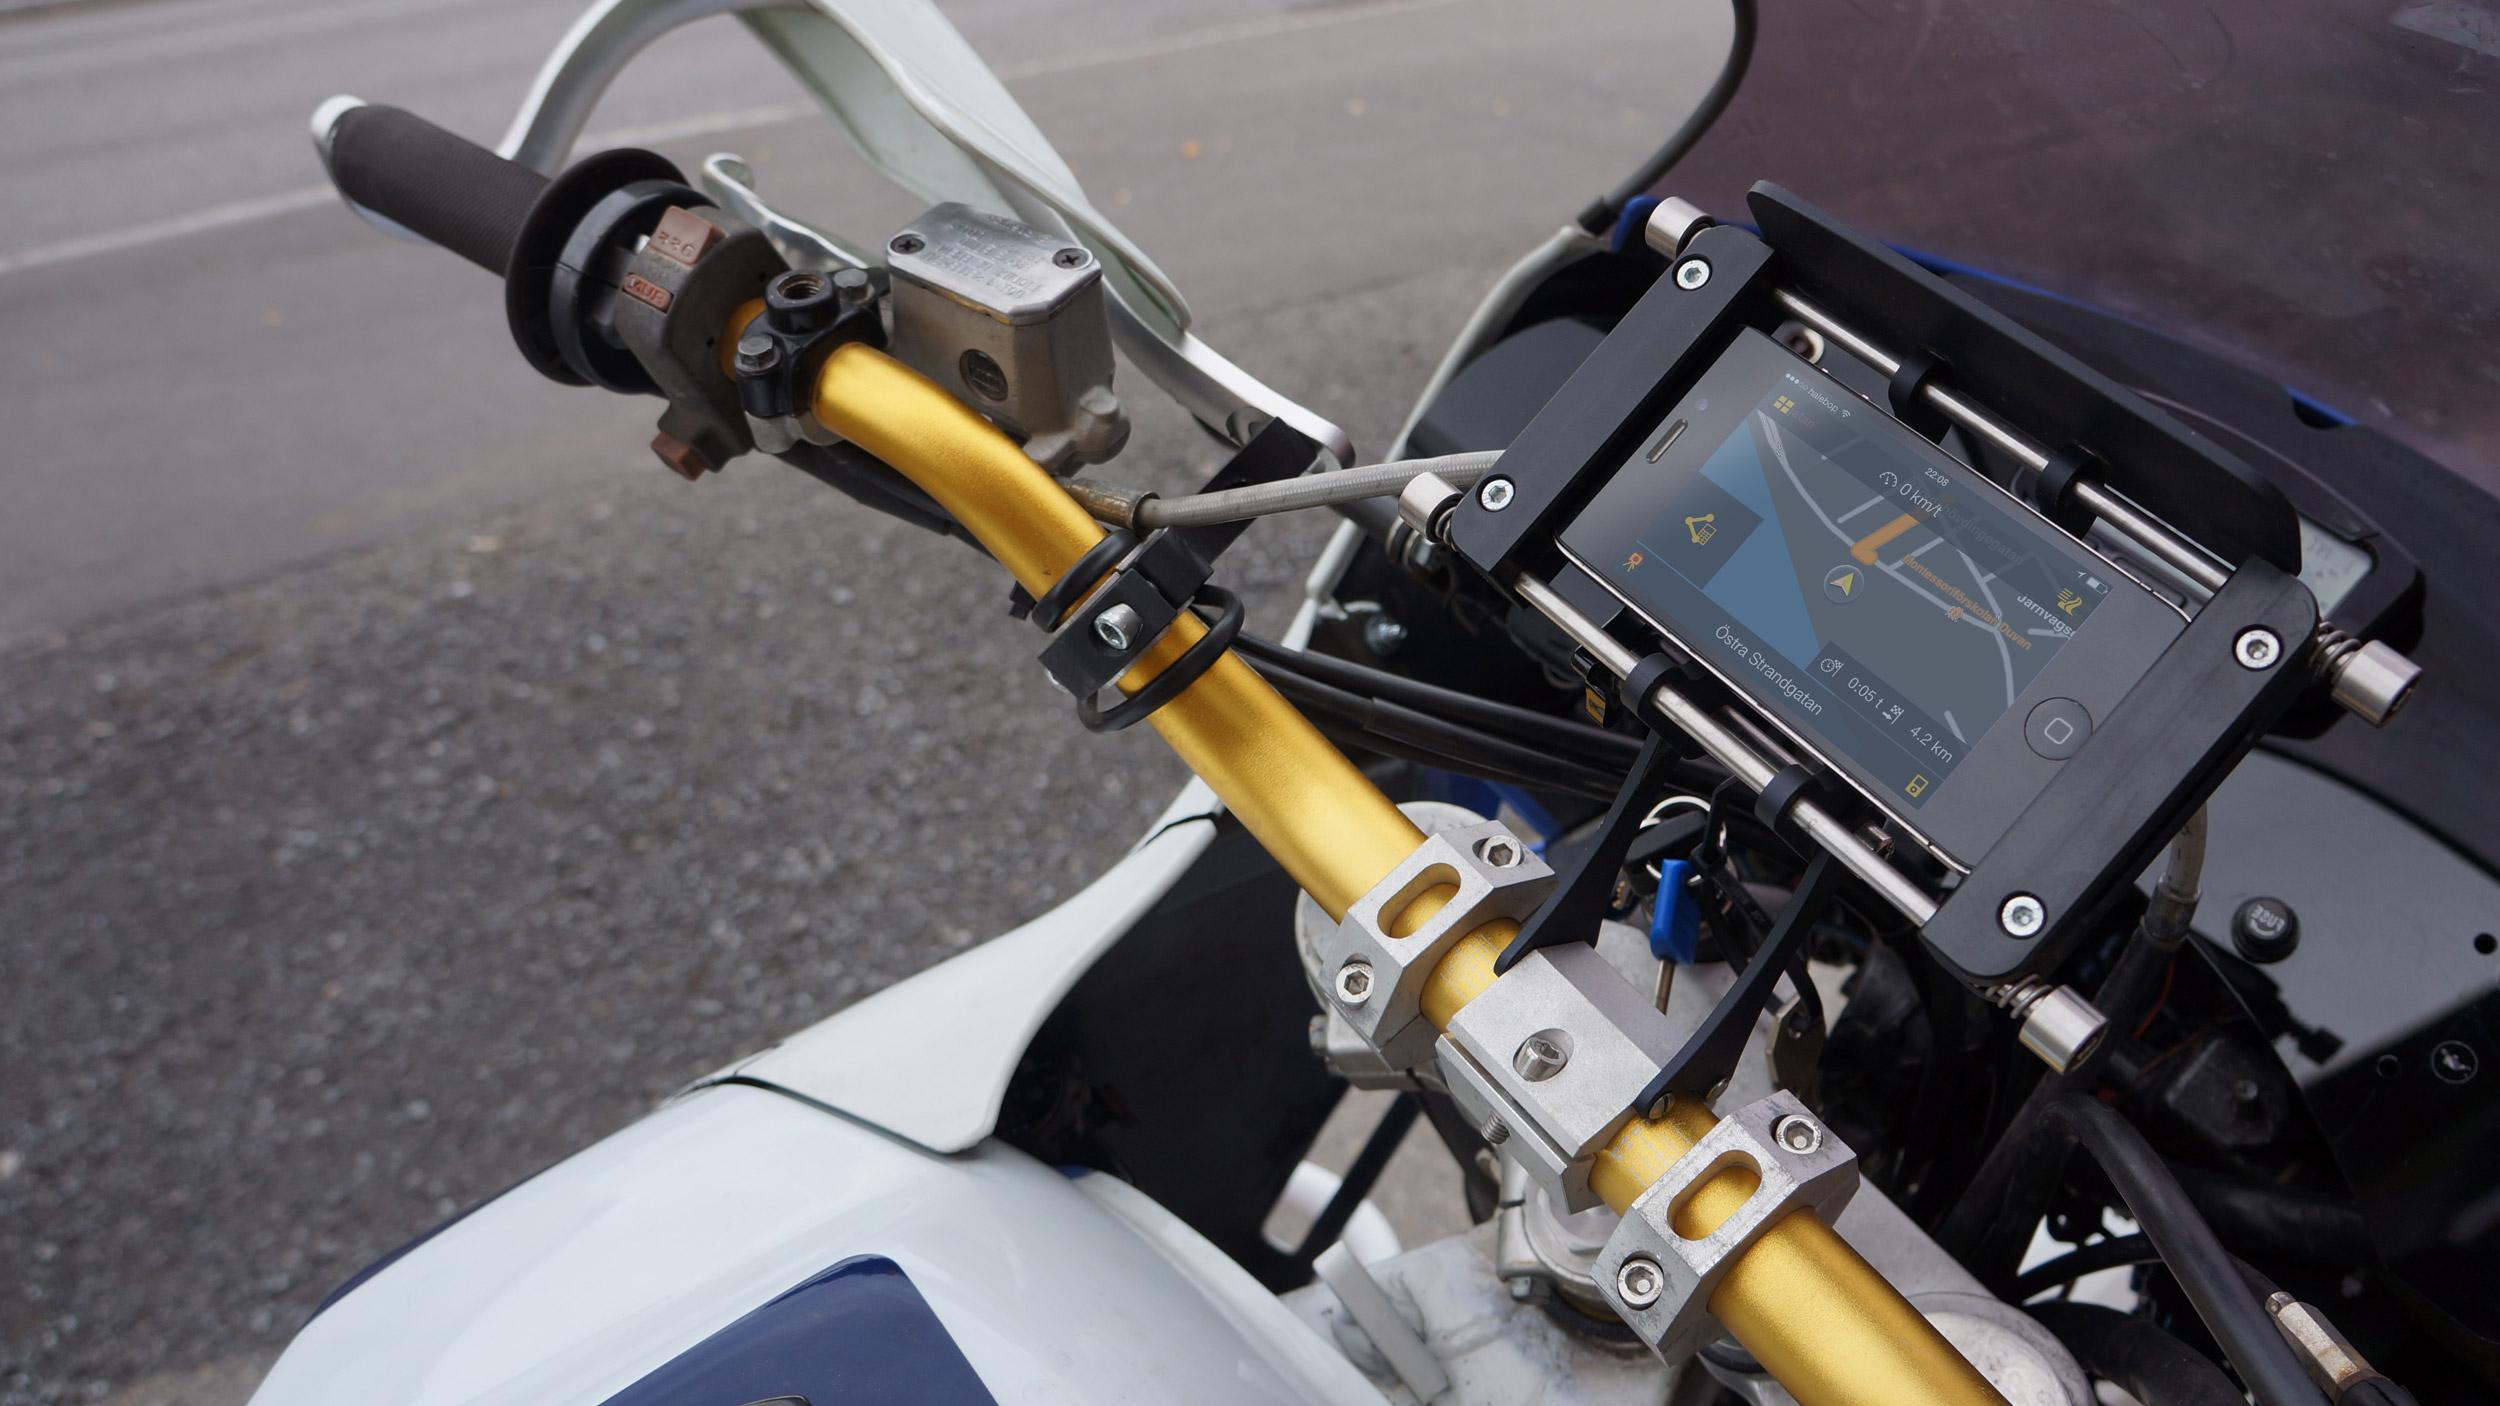 GPSholderonbike.jpg